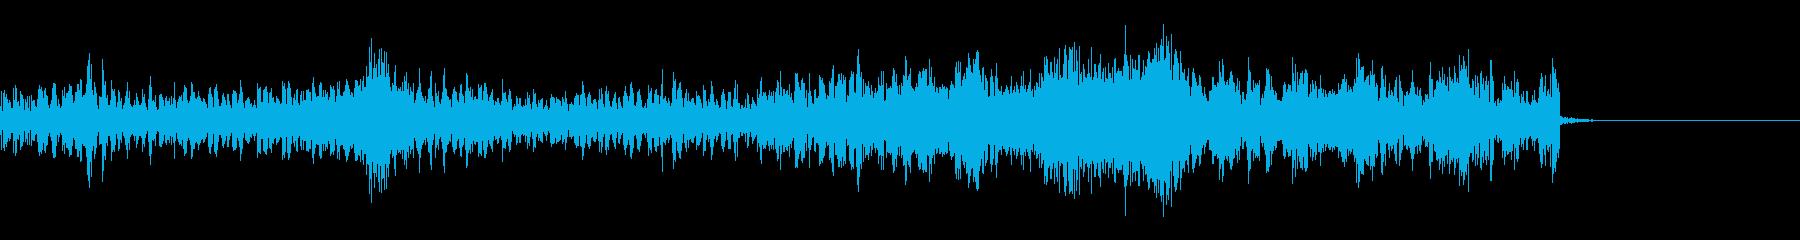 機械的リズム効果音の再生済みの波形